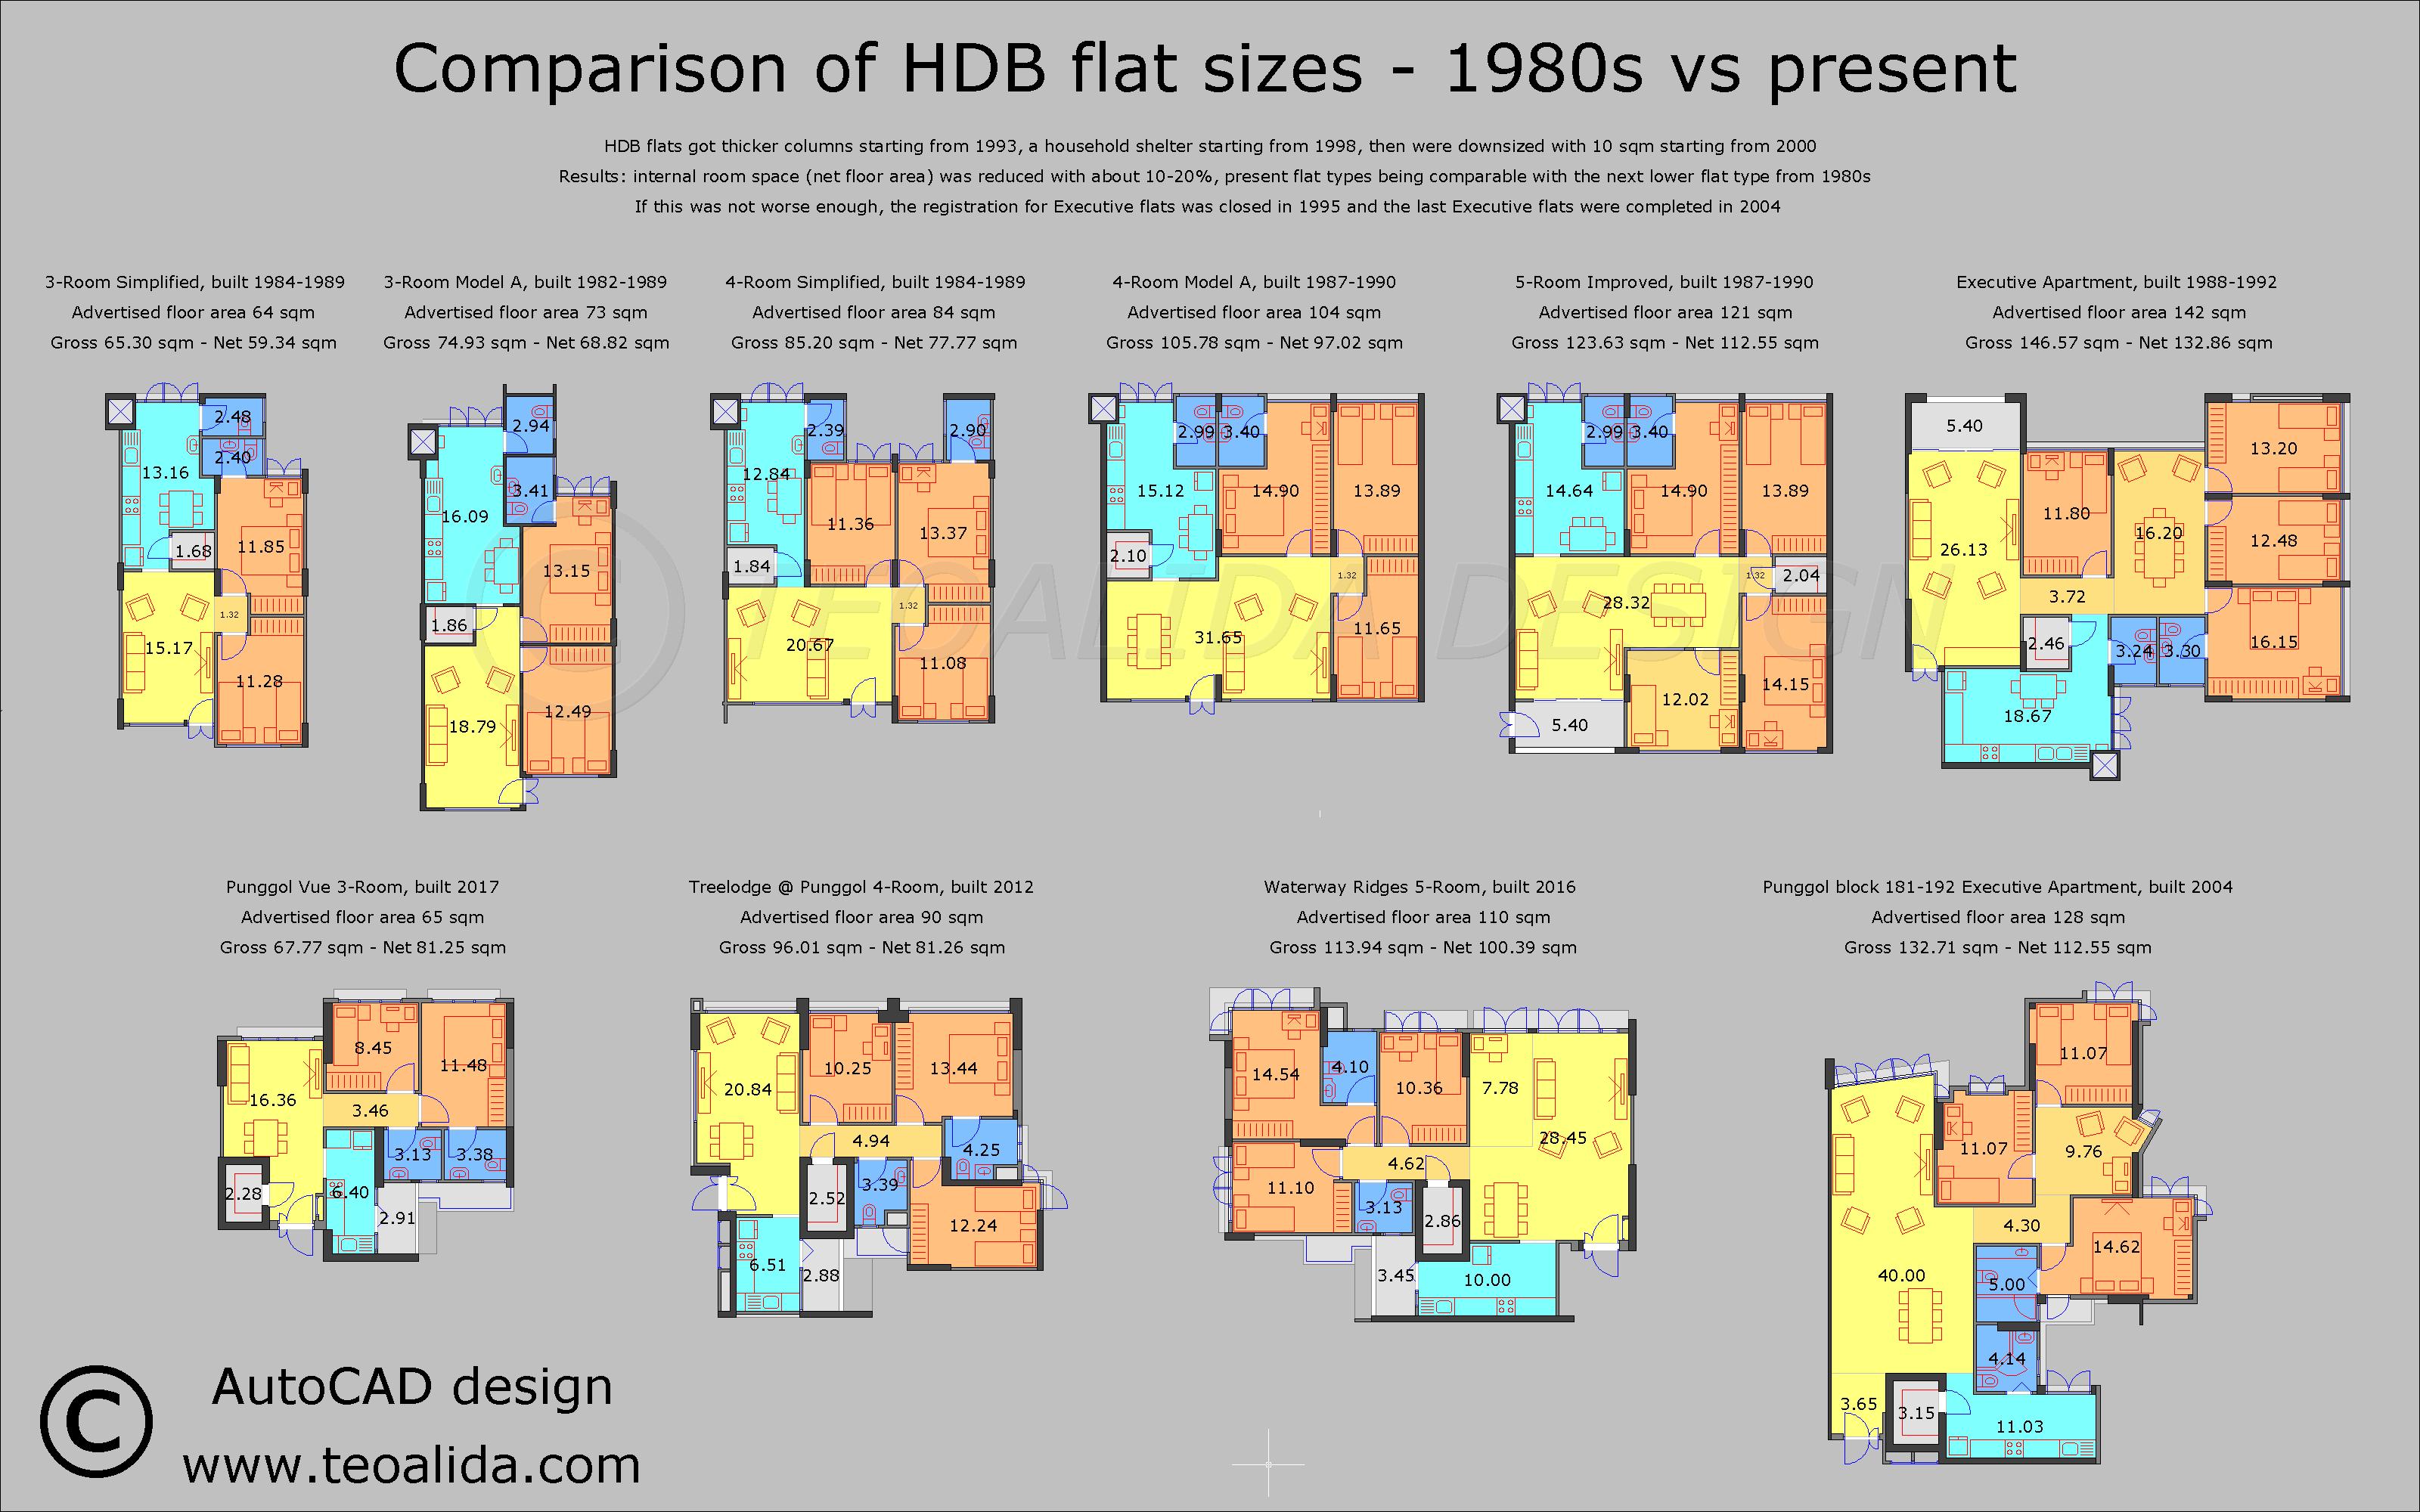 HDB flat types